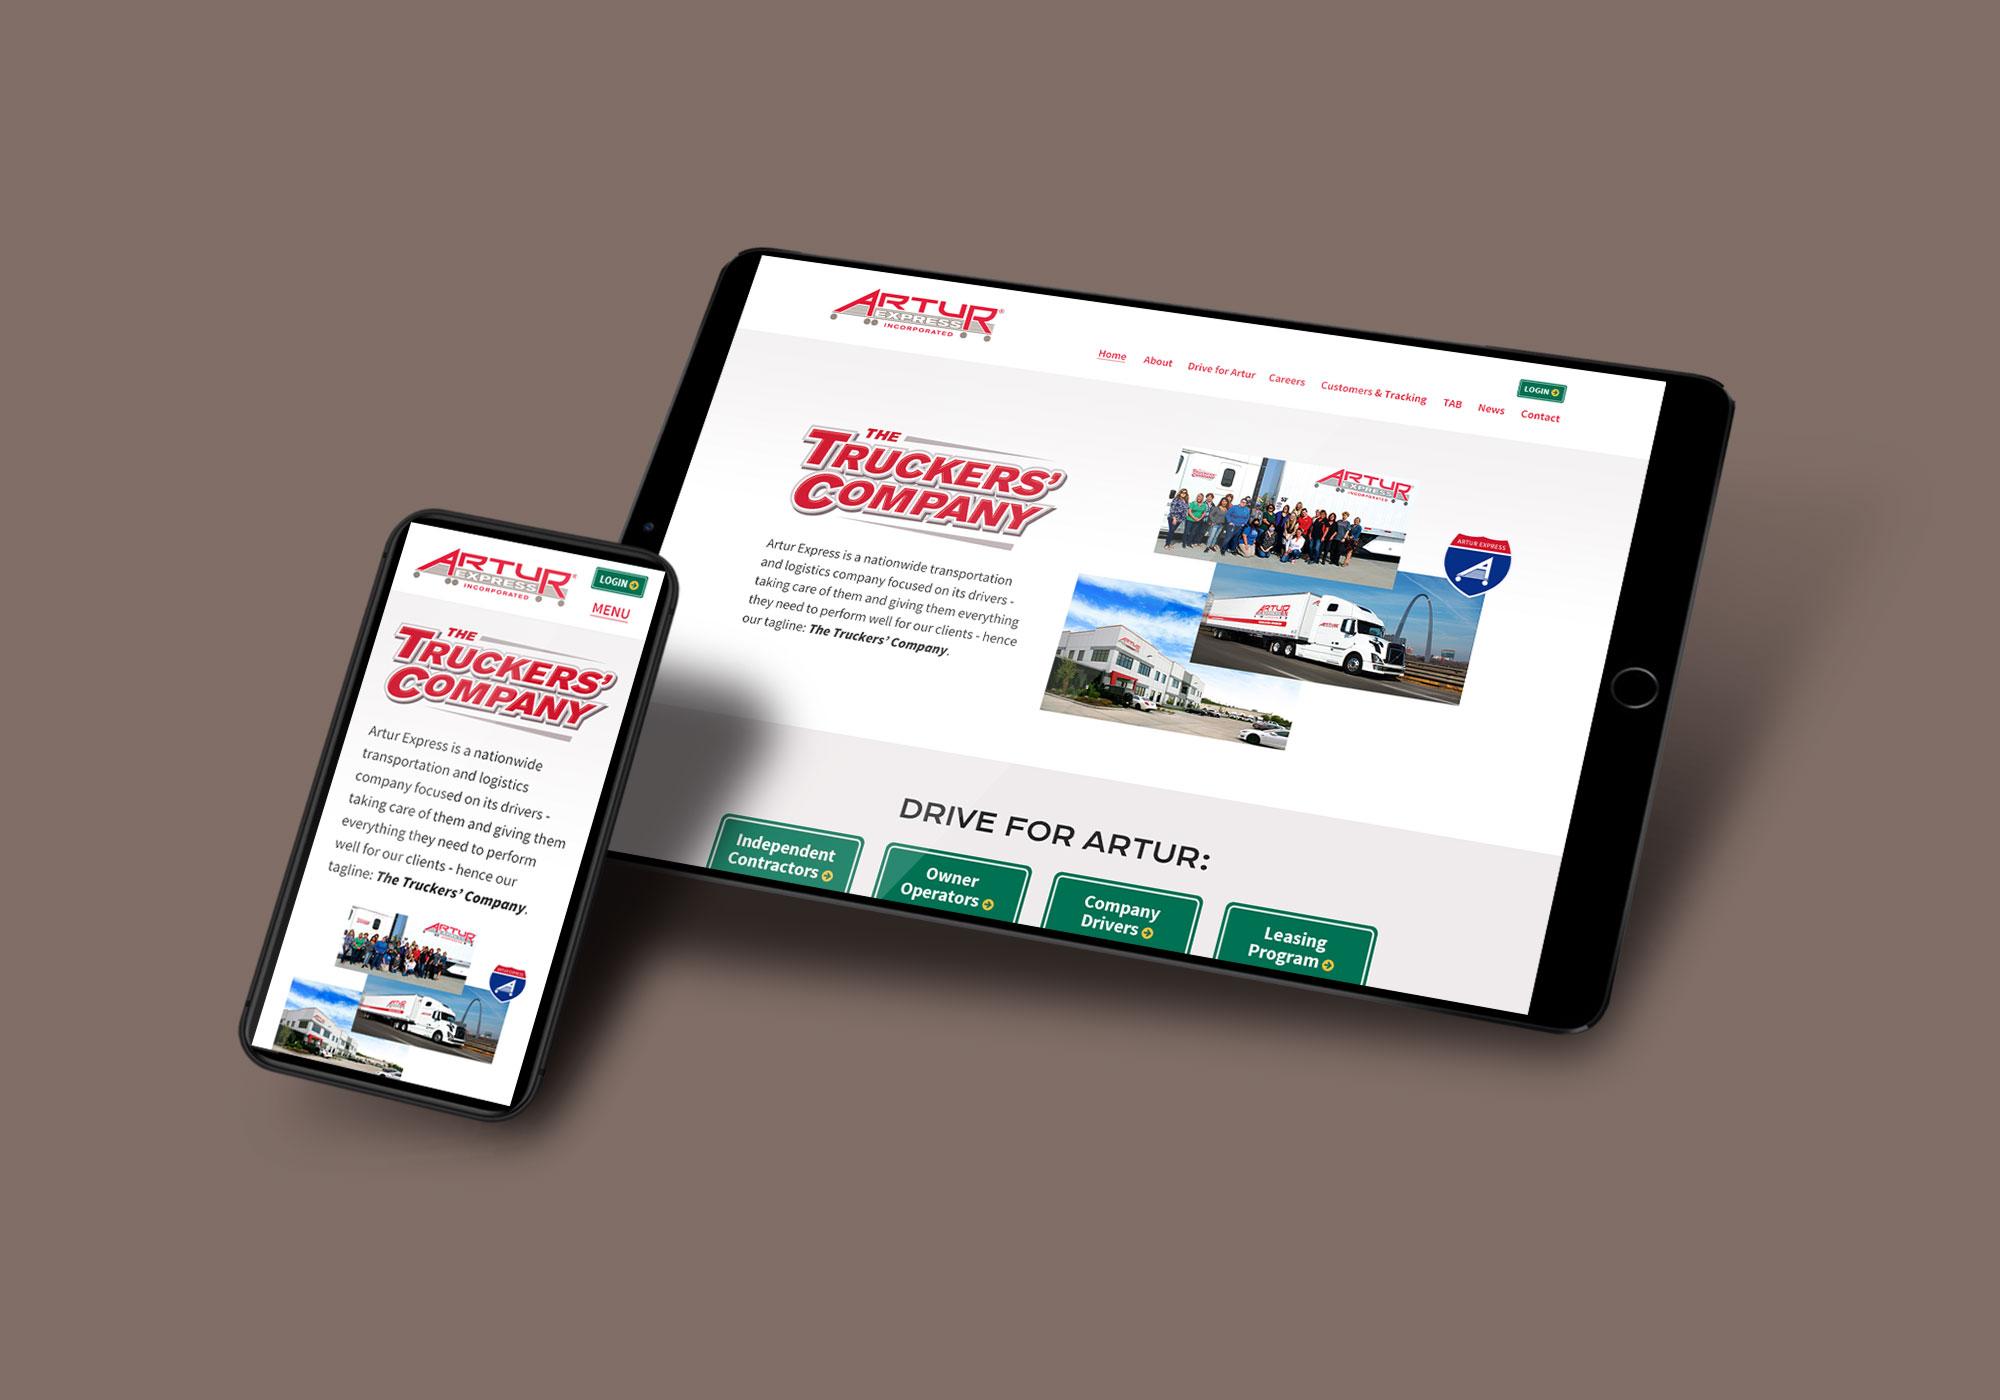 Artur website design